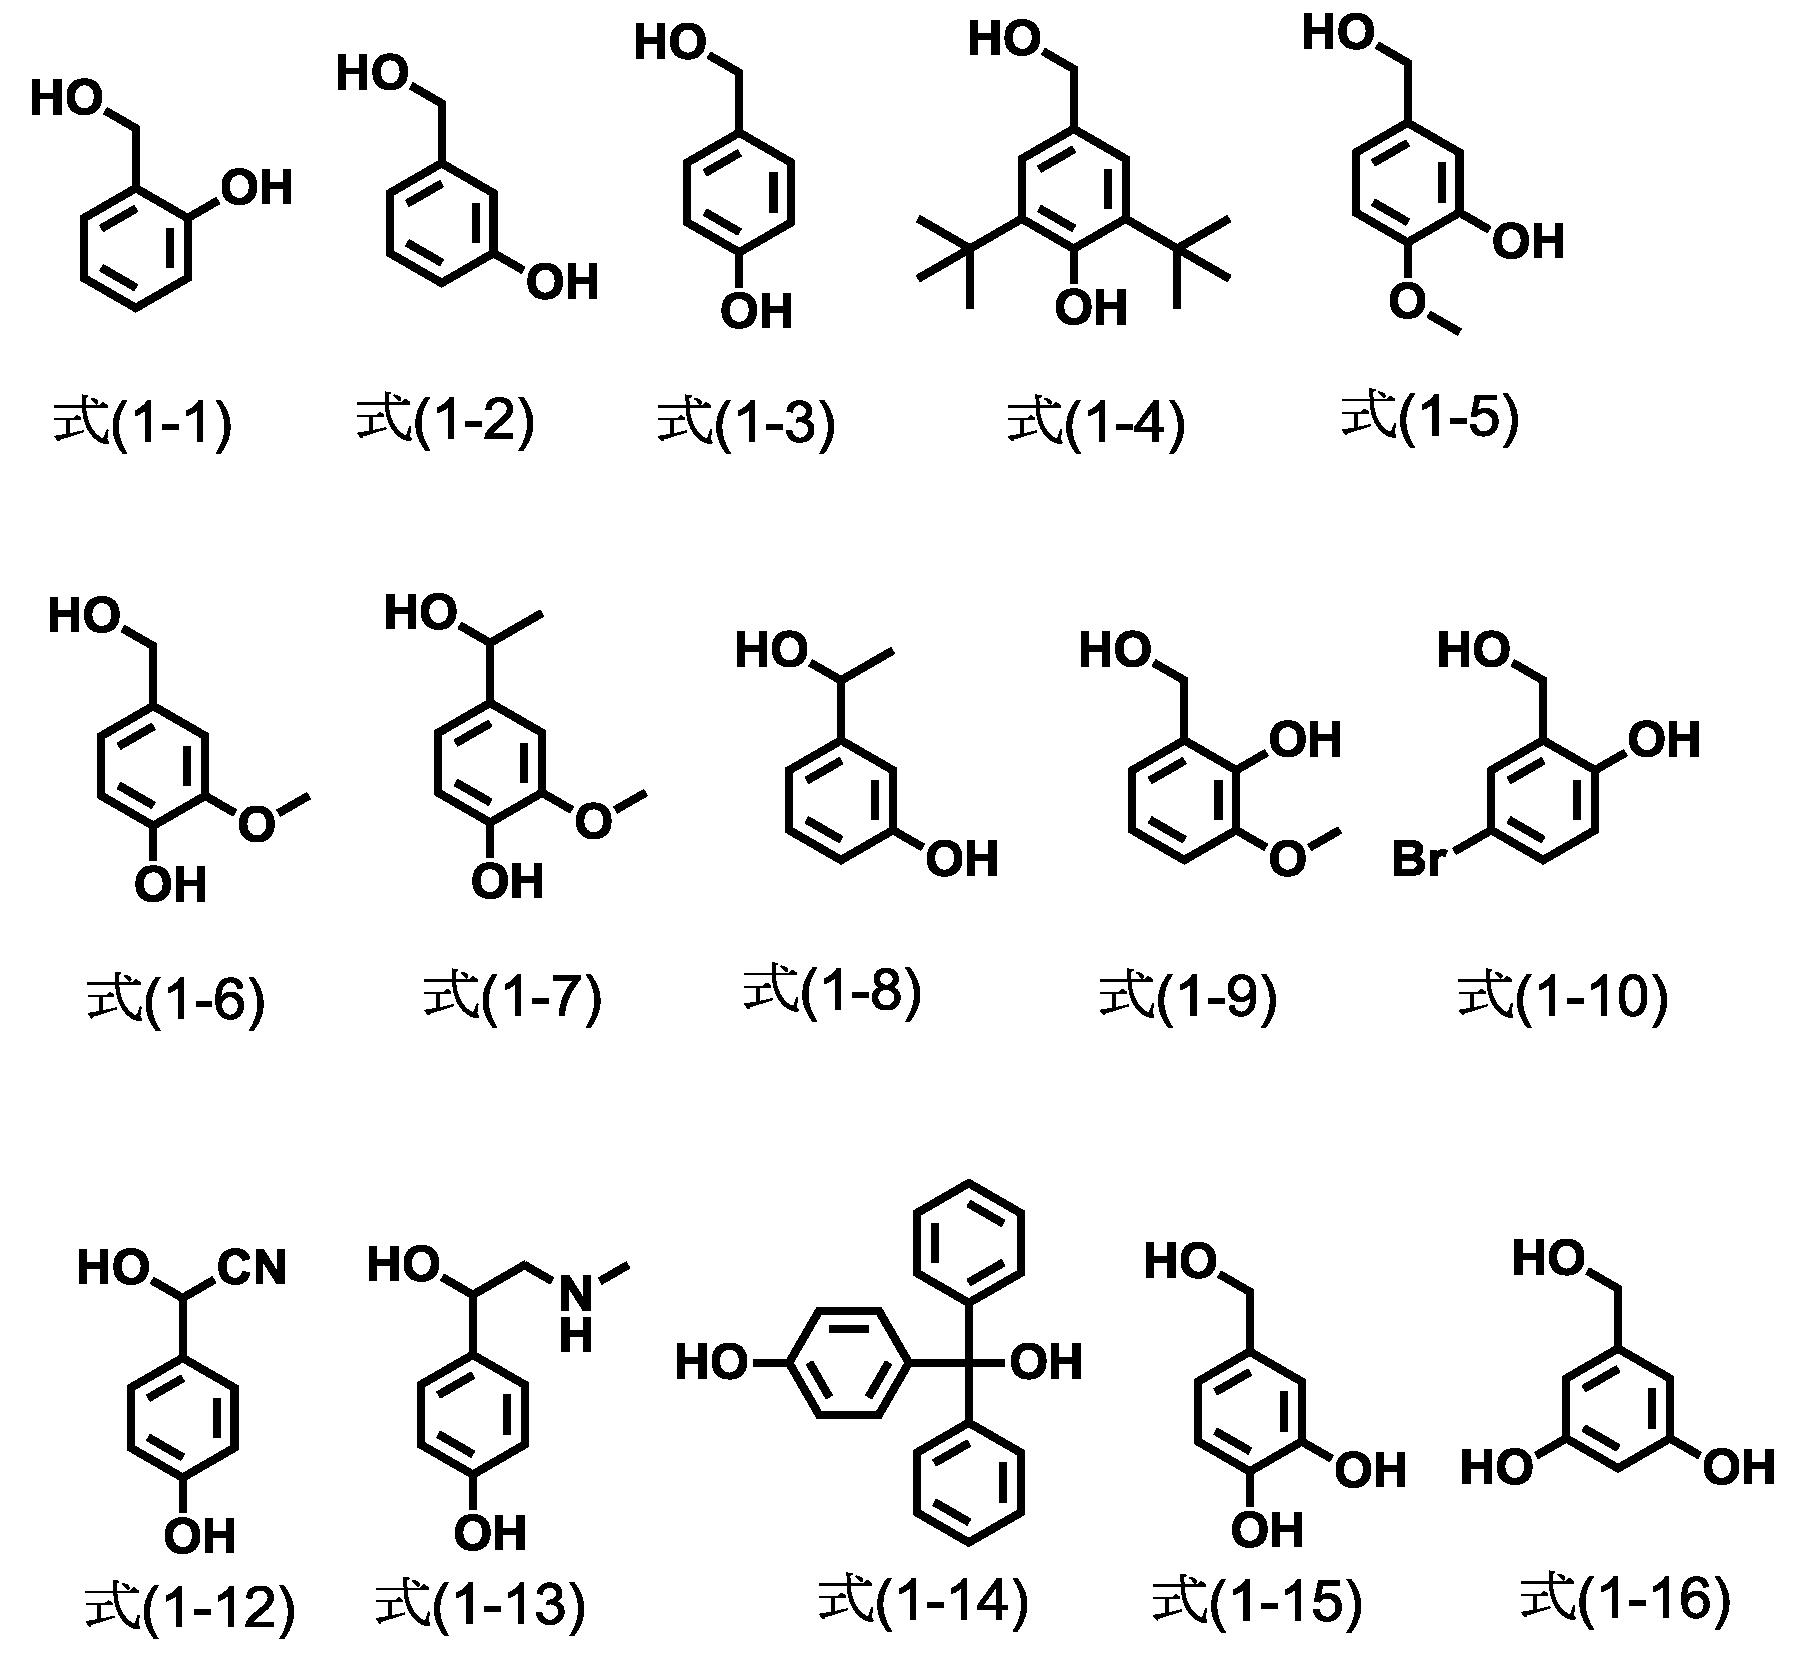 芳香烃芳香族化合物_WO2016021594A1 - 芳香族メチロール化合物が反応したノボラック樹脂 ...